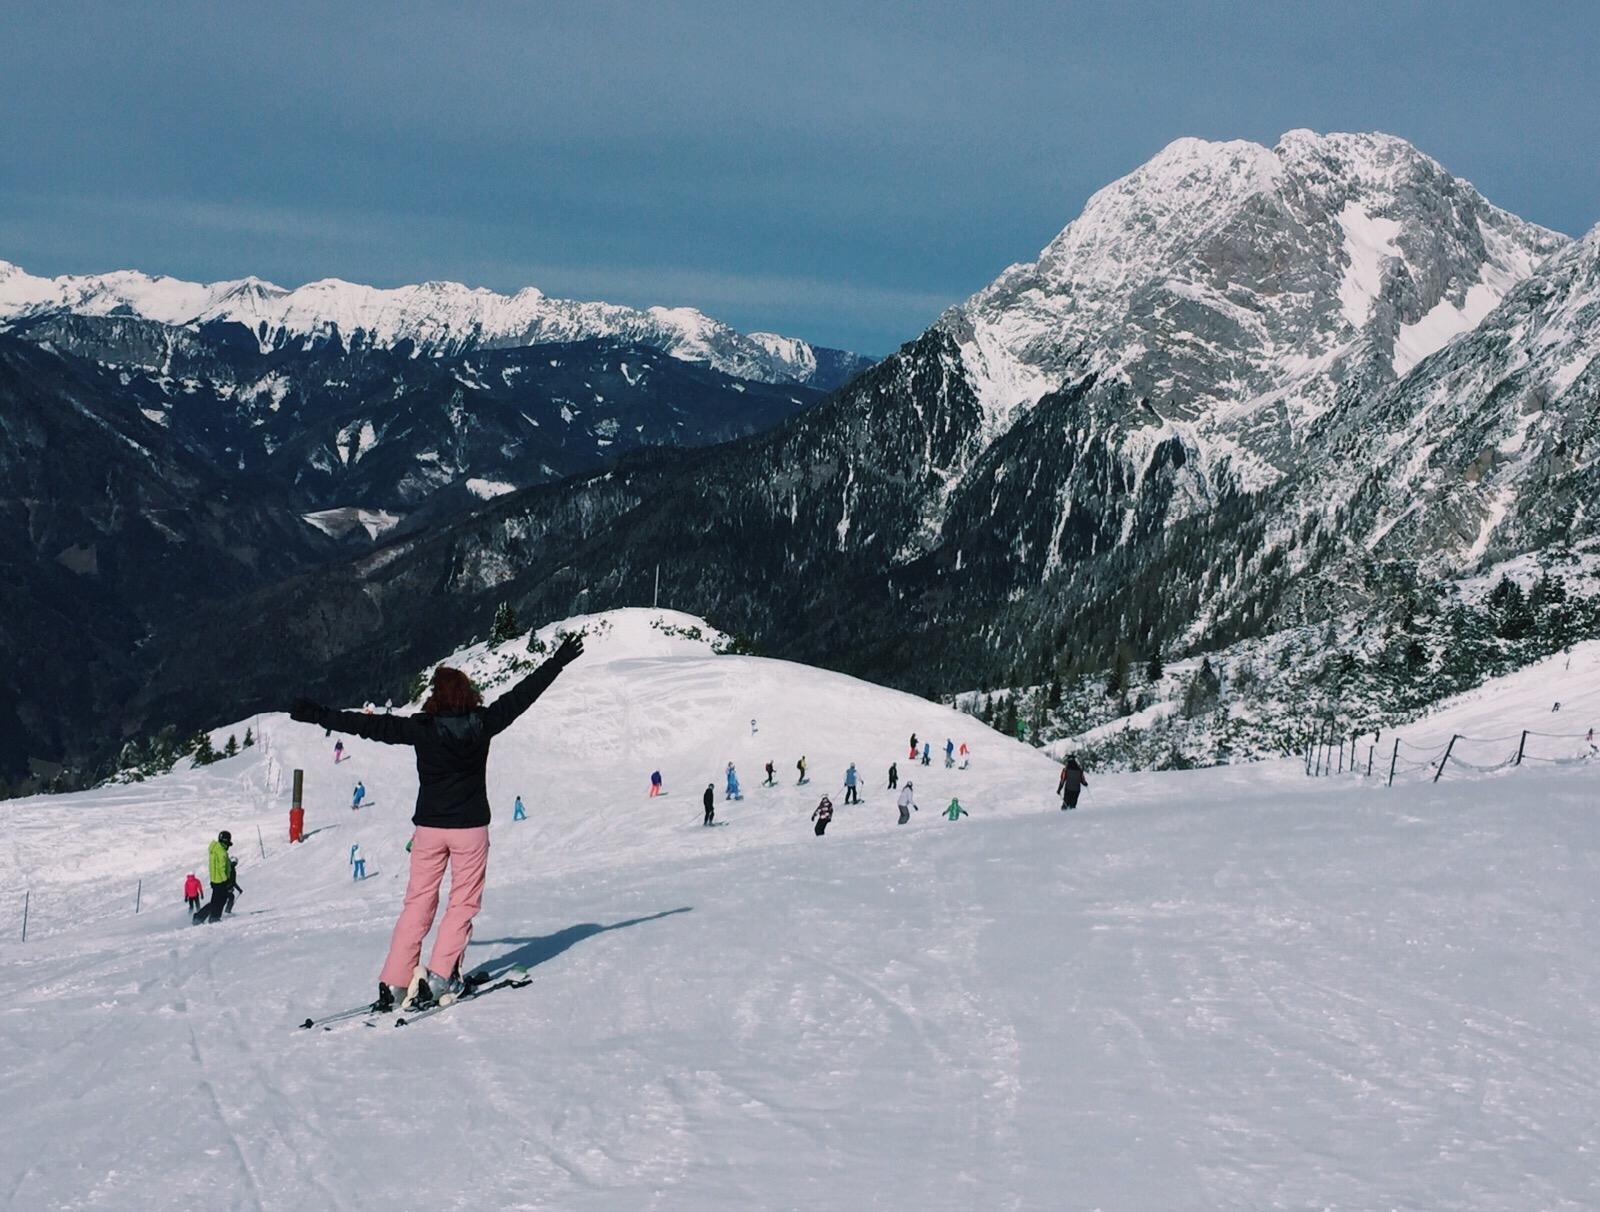 Kayak Tatili İçin Gidebileceğiniz Uygun Fiyatlı 3 Yer